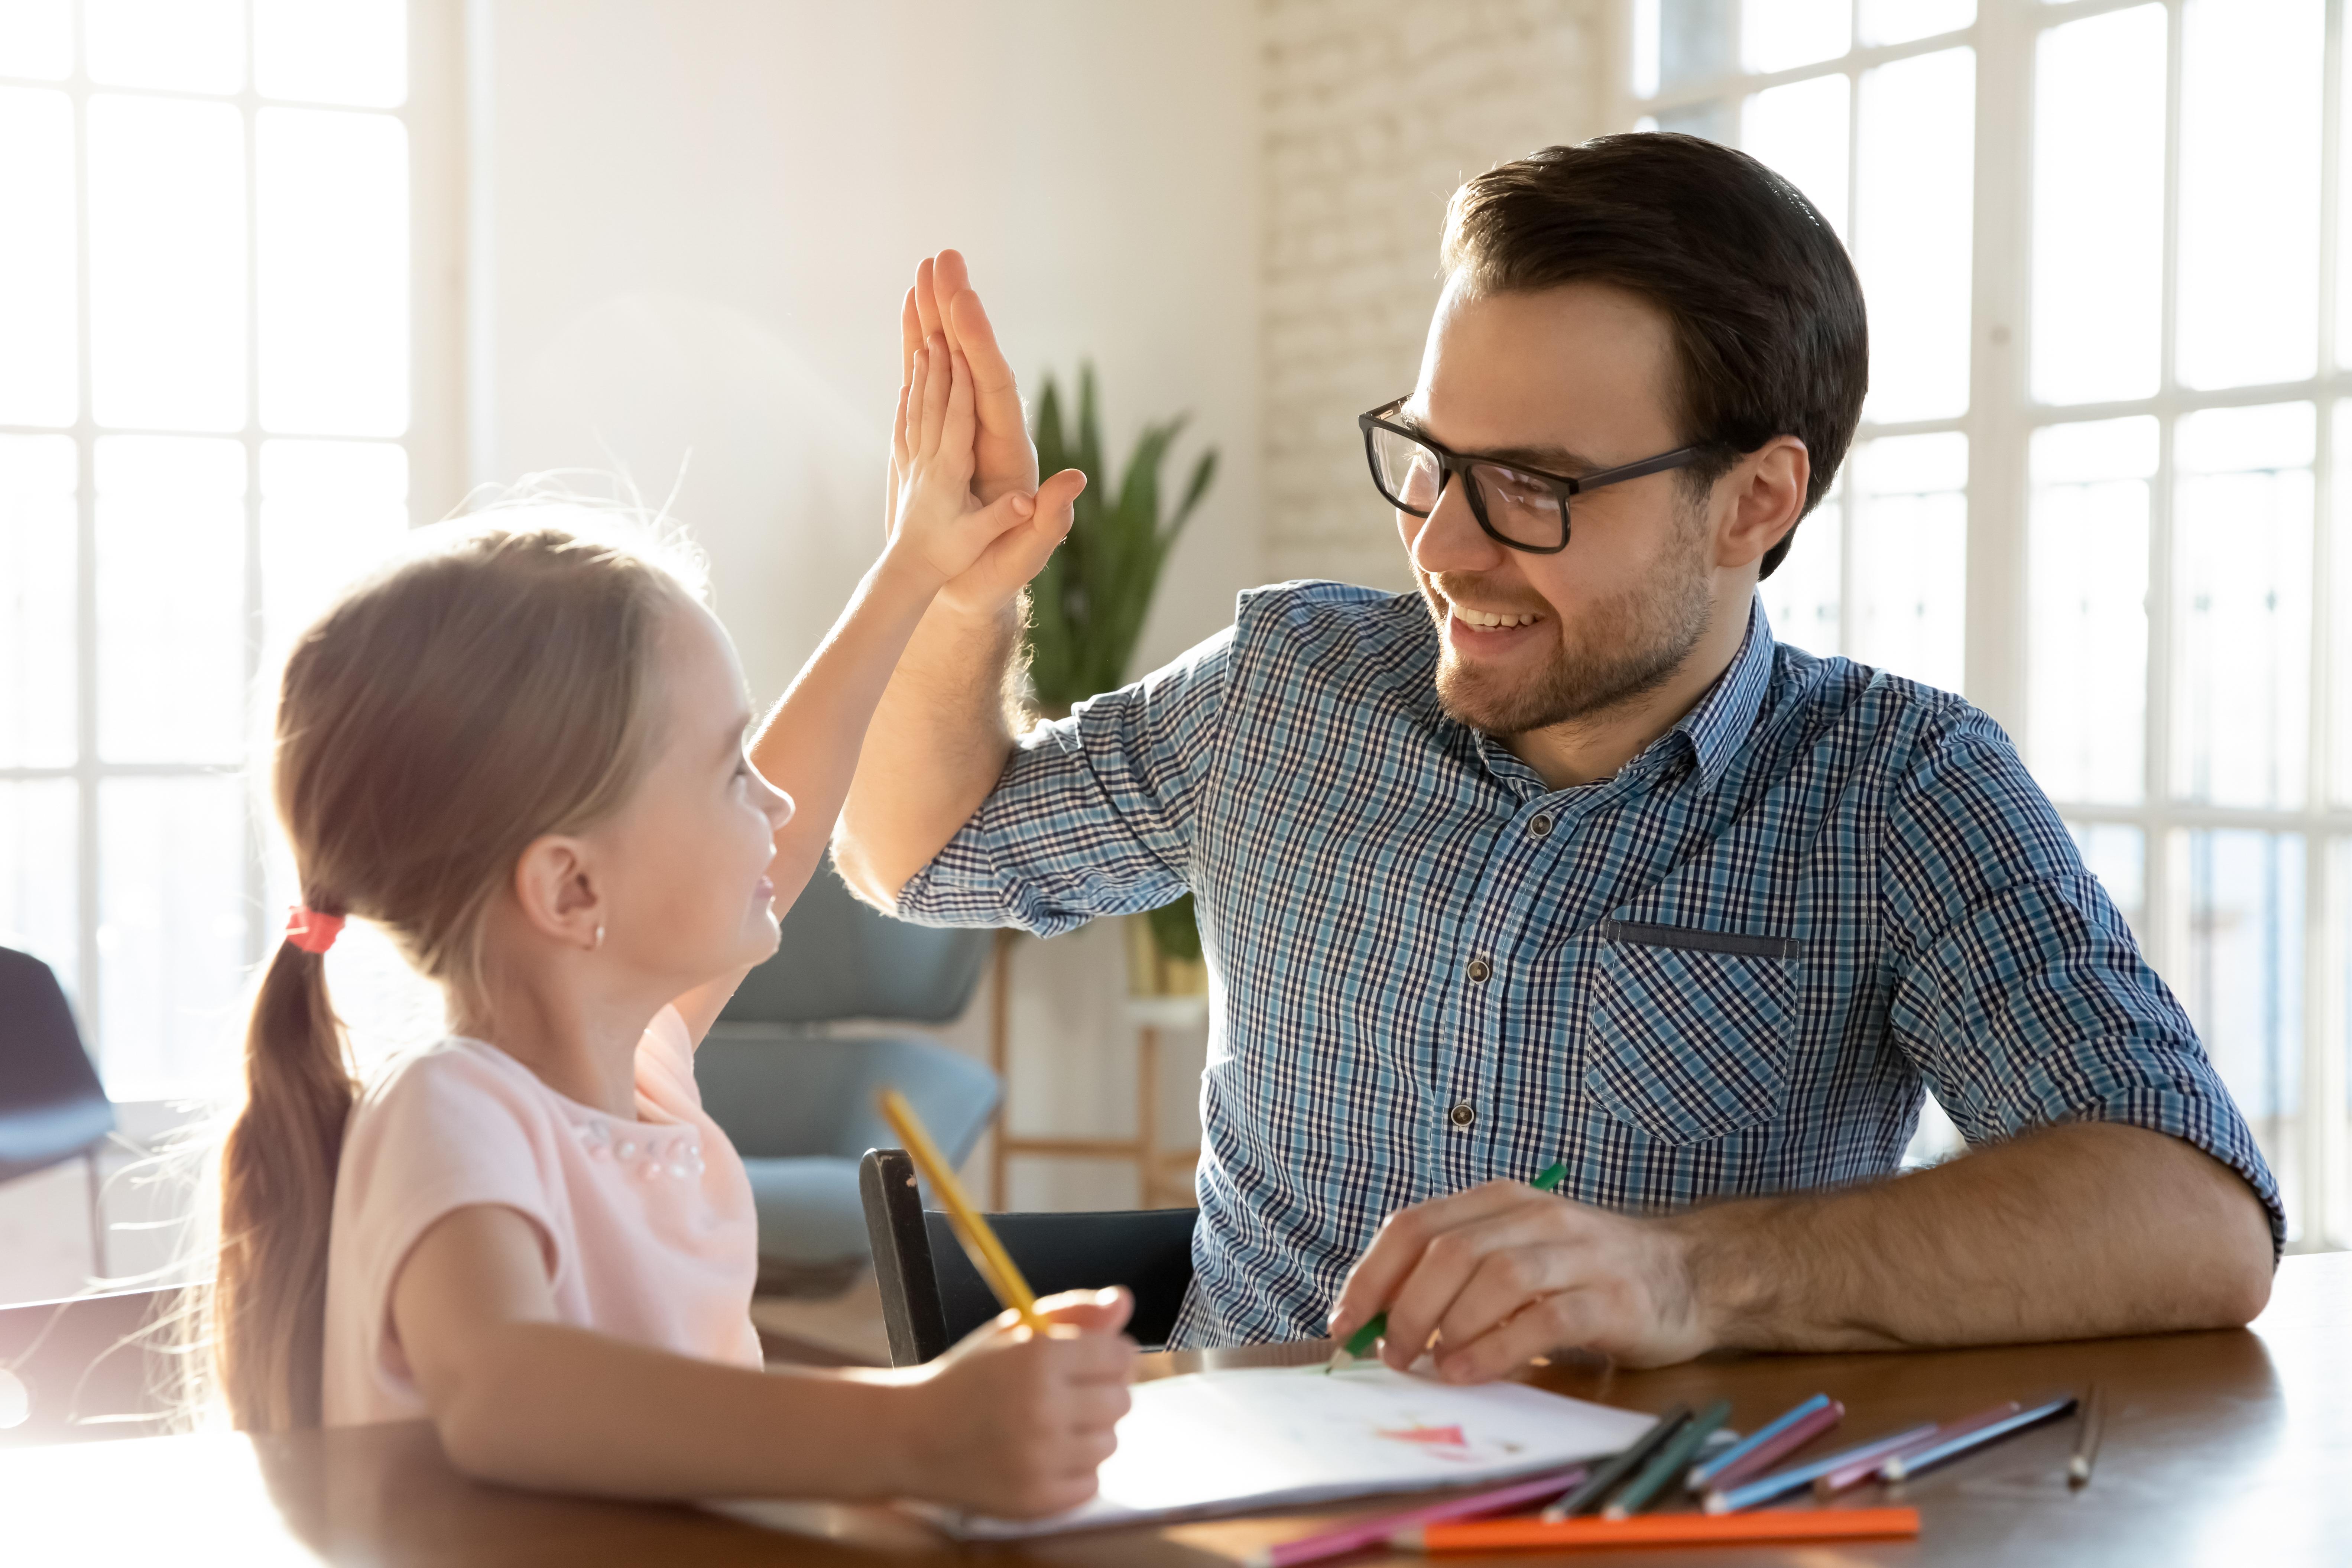 <p><strong>1. Не са се радвали на комуникацията с детето си</strong></p>  <p>Малките деца имат нужда от постоянен контакт с възрастни. Но и техните родители също имат нужда от такава комуникация. Да, свободното ви време намалява драстично и понякога всеки има нужда от време за себе си. Но ако оставяте детето си твърде често да играе само, в един момент може да забележите, че то вече няма нужда от грижите и комуникацията си с вас. Няма начин да върнете времето, затова се опитайте да бъдете не само физически, но и психически близки с детето си. Наслаждавайте се на времето, което прекарвате заедно.</p>